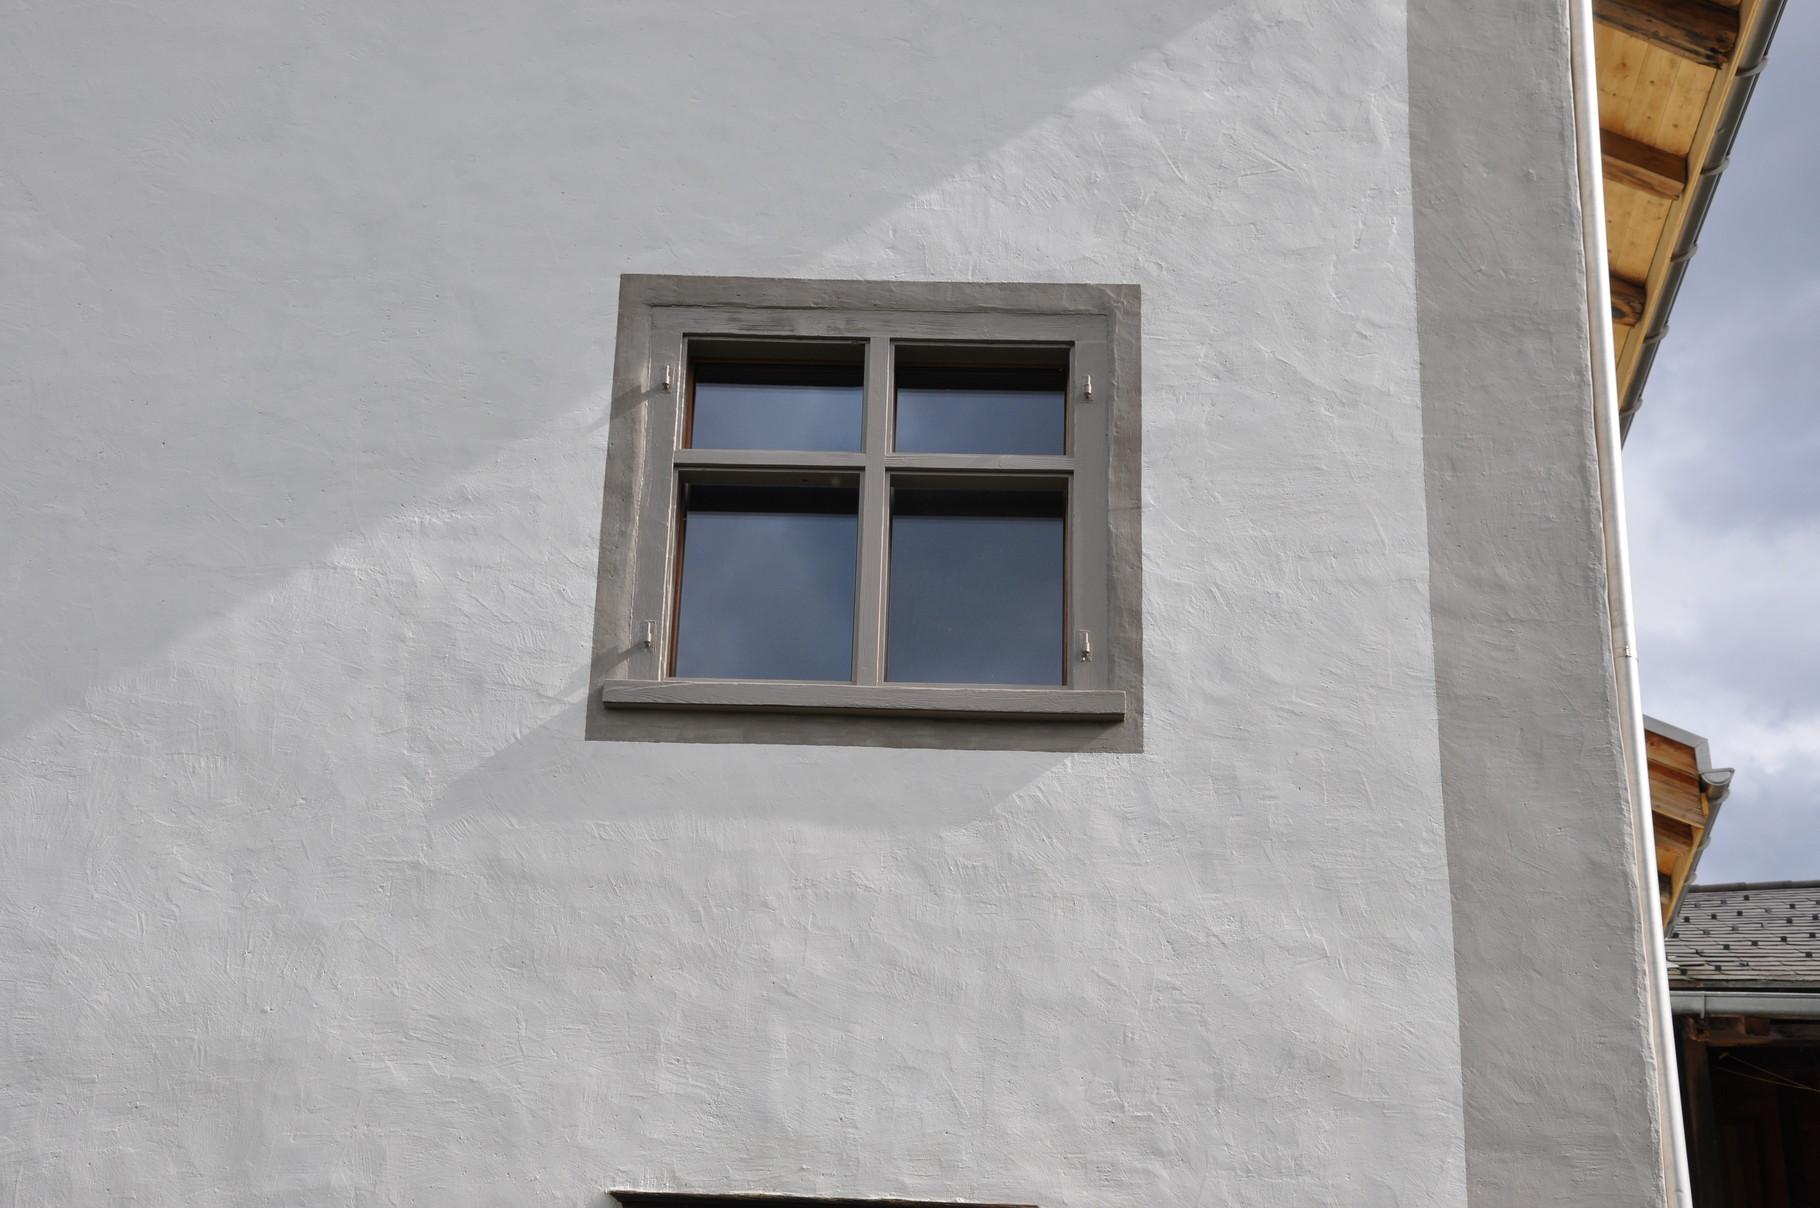 Fensterdetail und Putzstruktur